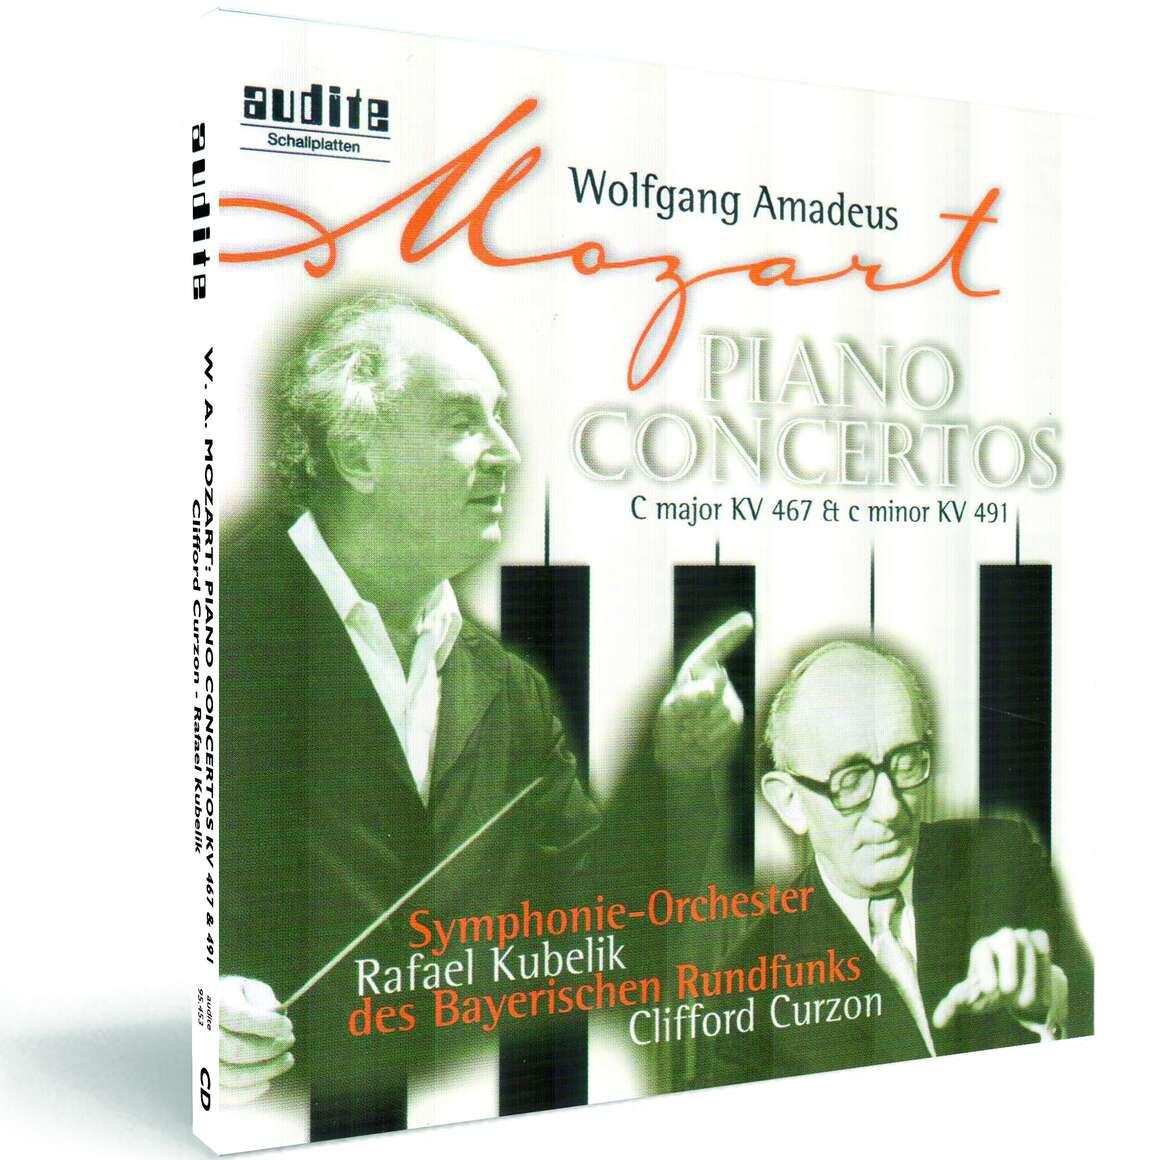 W. A. Mozart: Piano Concertos No. 21 & No. 24